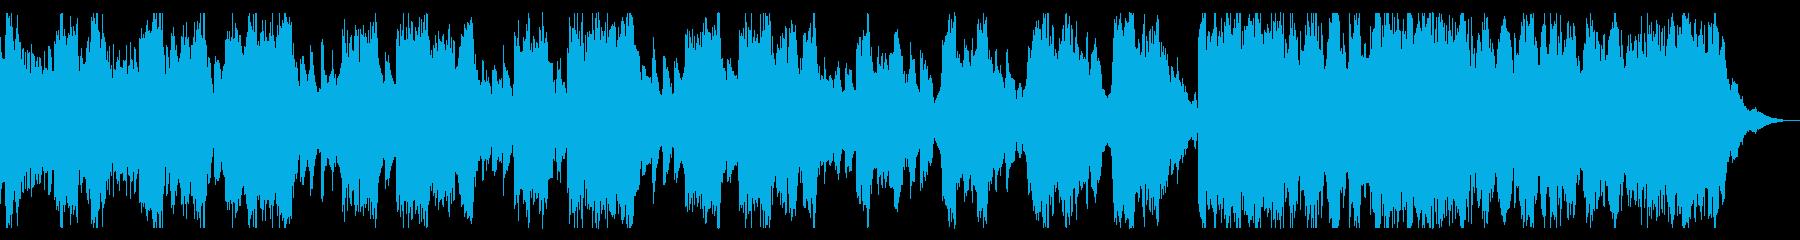 ピアノとストリングス 切ないダークな曲の再生済みの波形